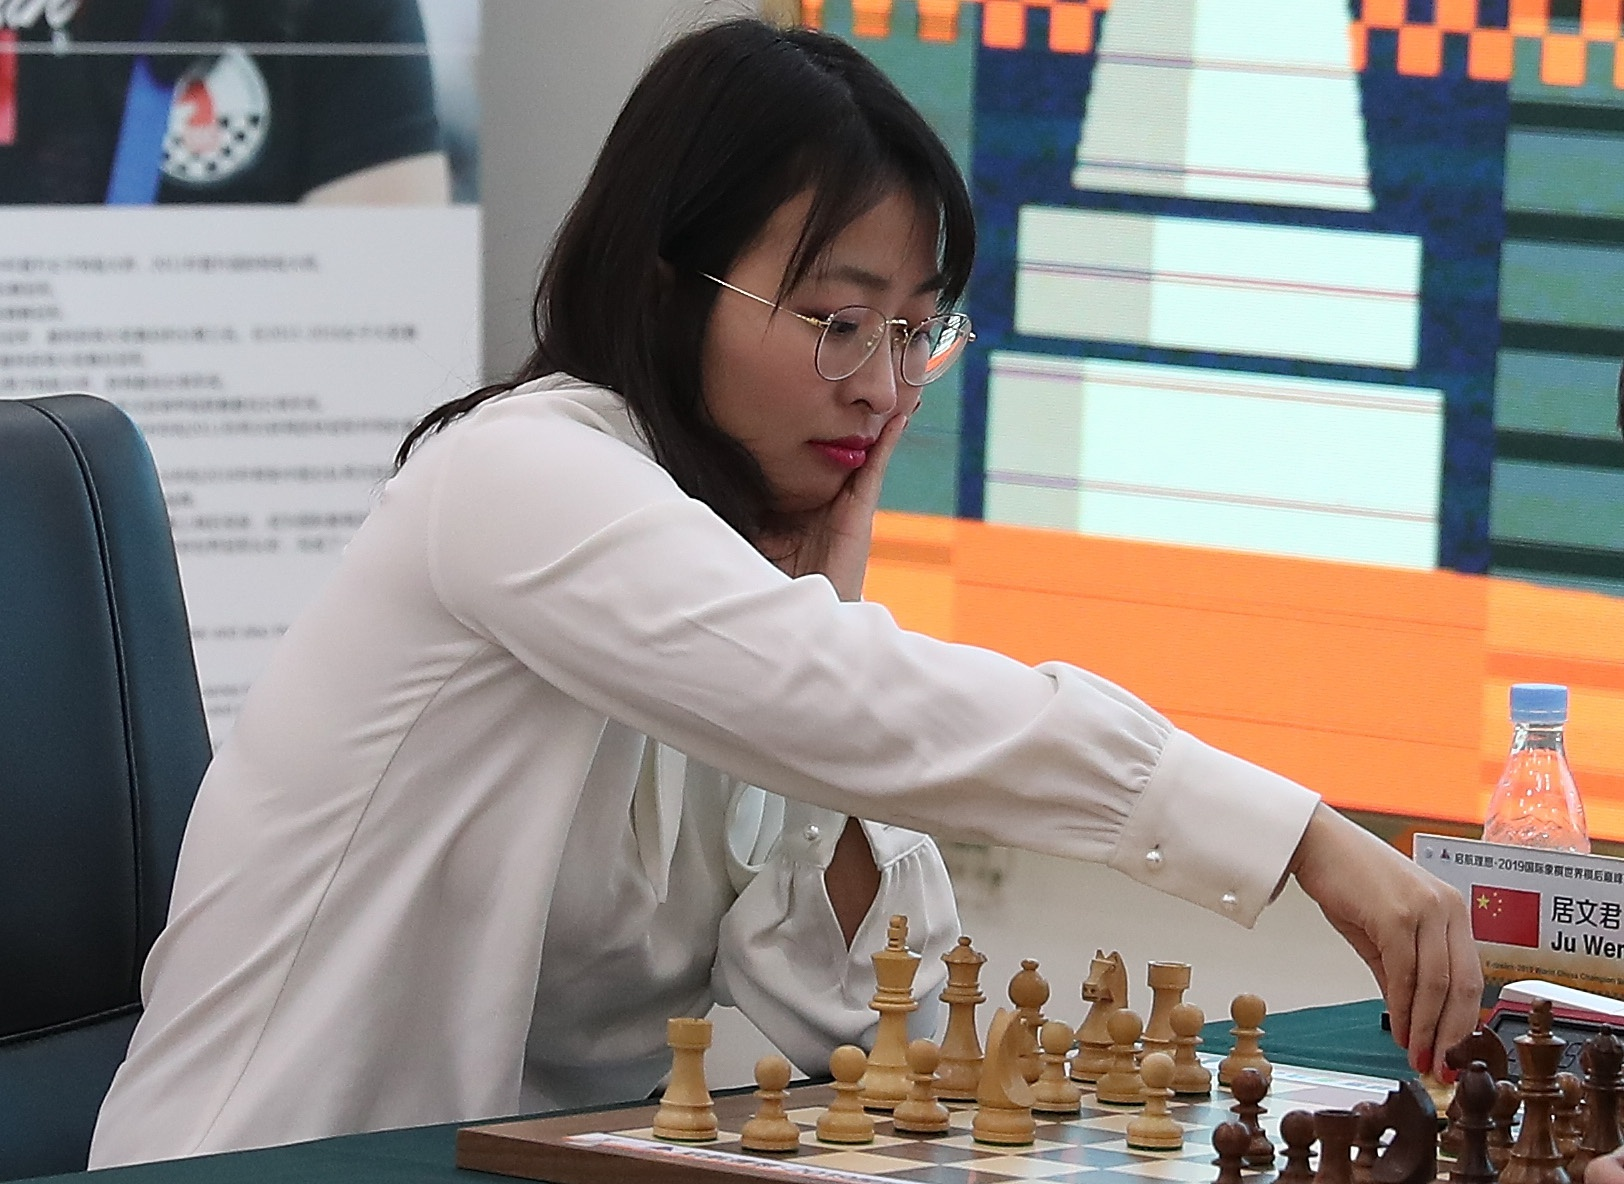 凯恩斯杯国际象棋赛科内鲁夺冠 居文君获亚军